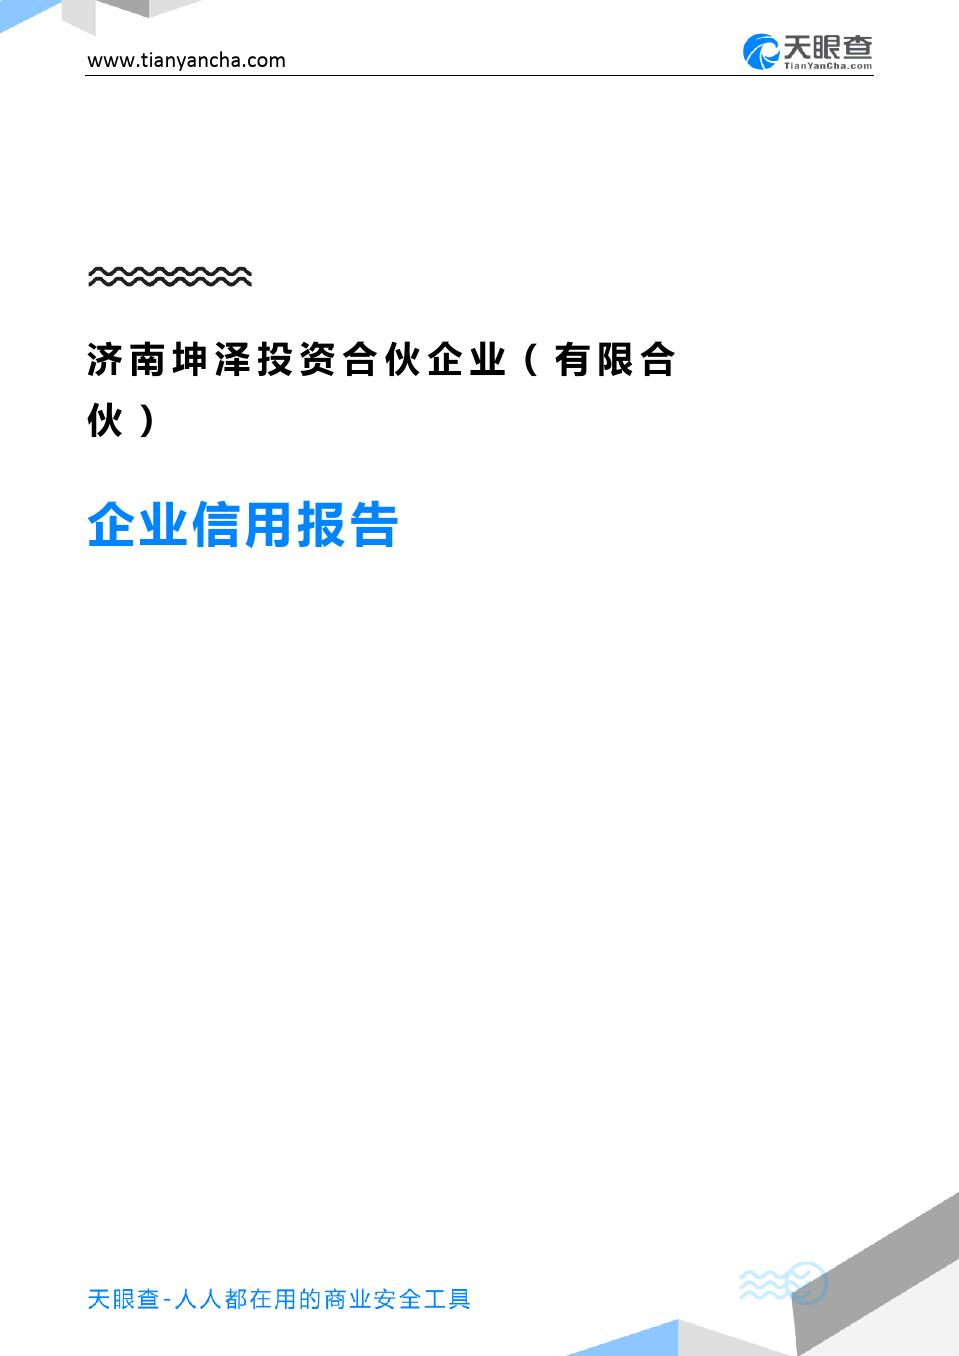 濟南坤澤投資合伙企業(有限合伙)(企業信用報告)- 天眼查